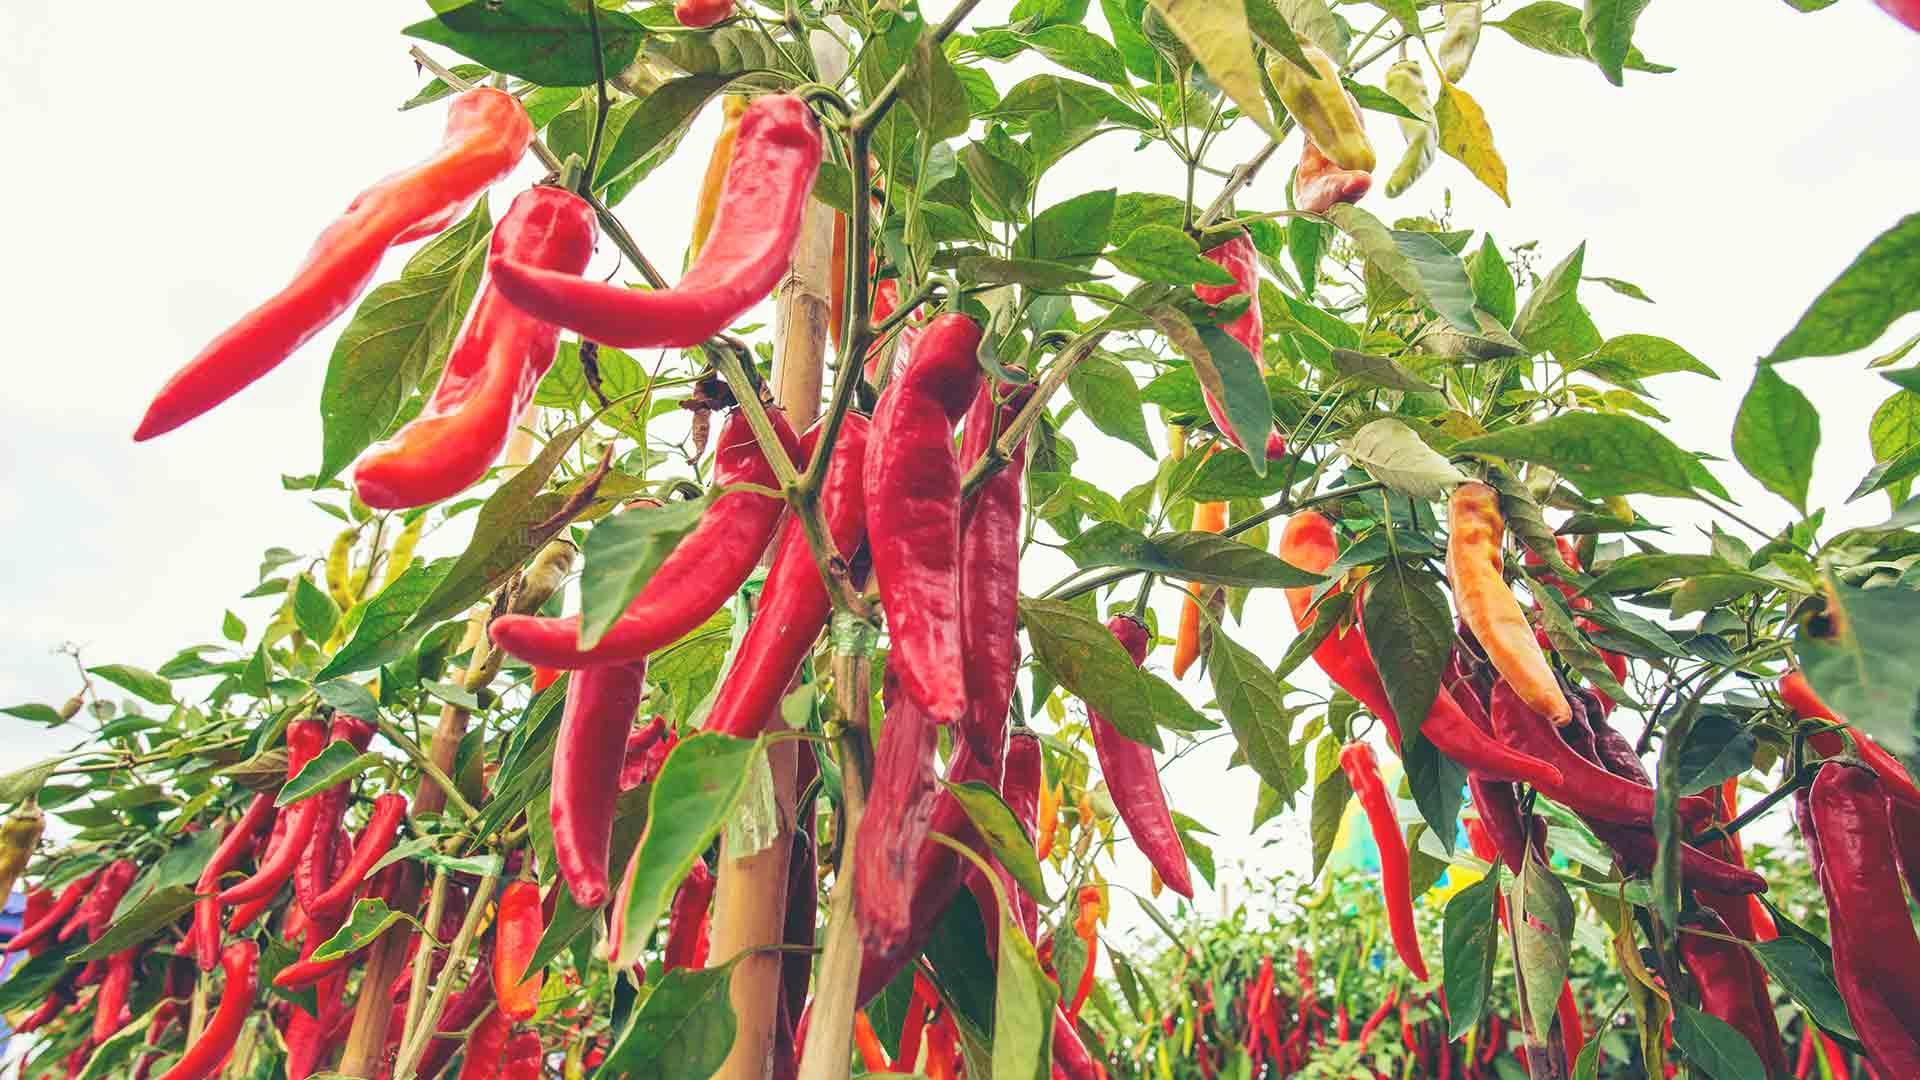 Chili pflanzen, pflegen, ernten. So geht's!